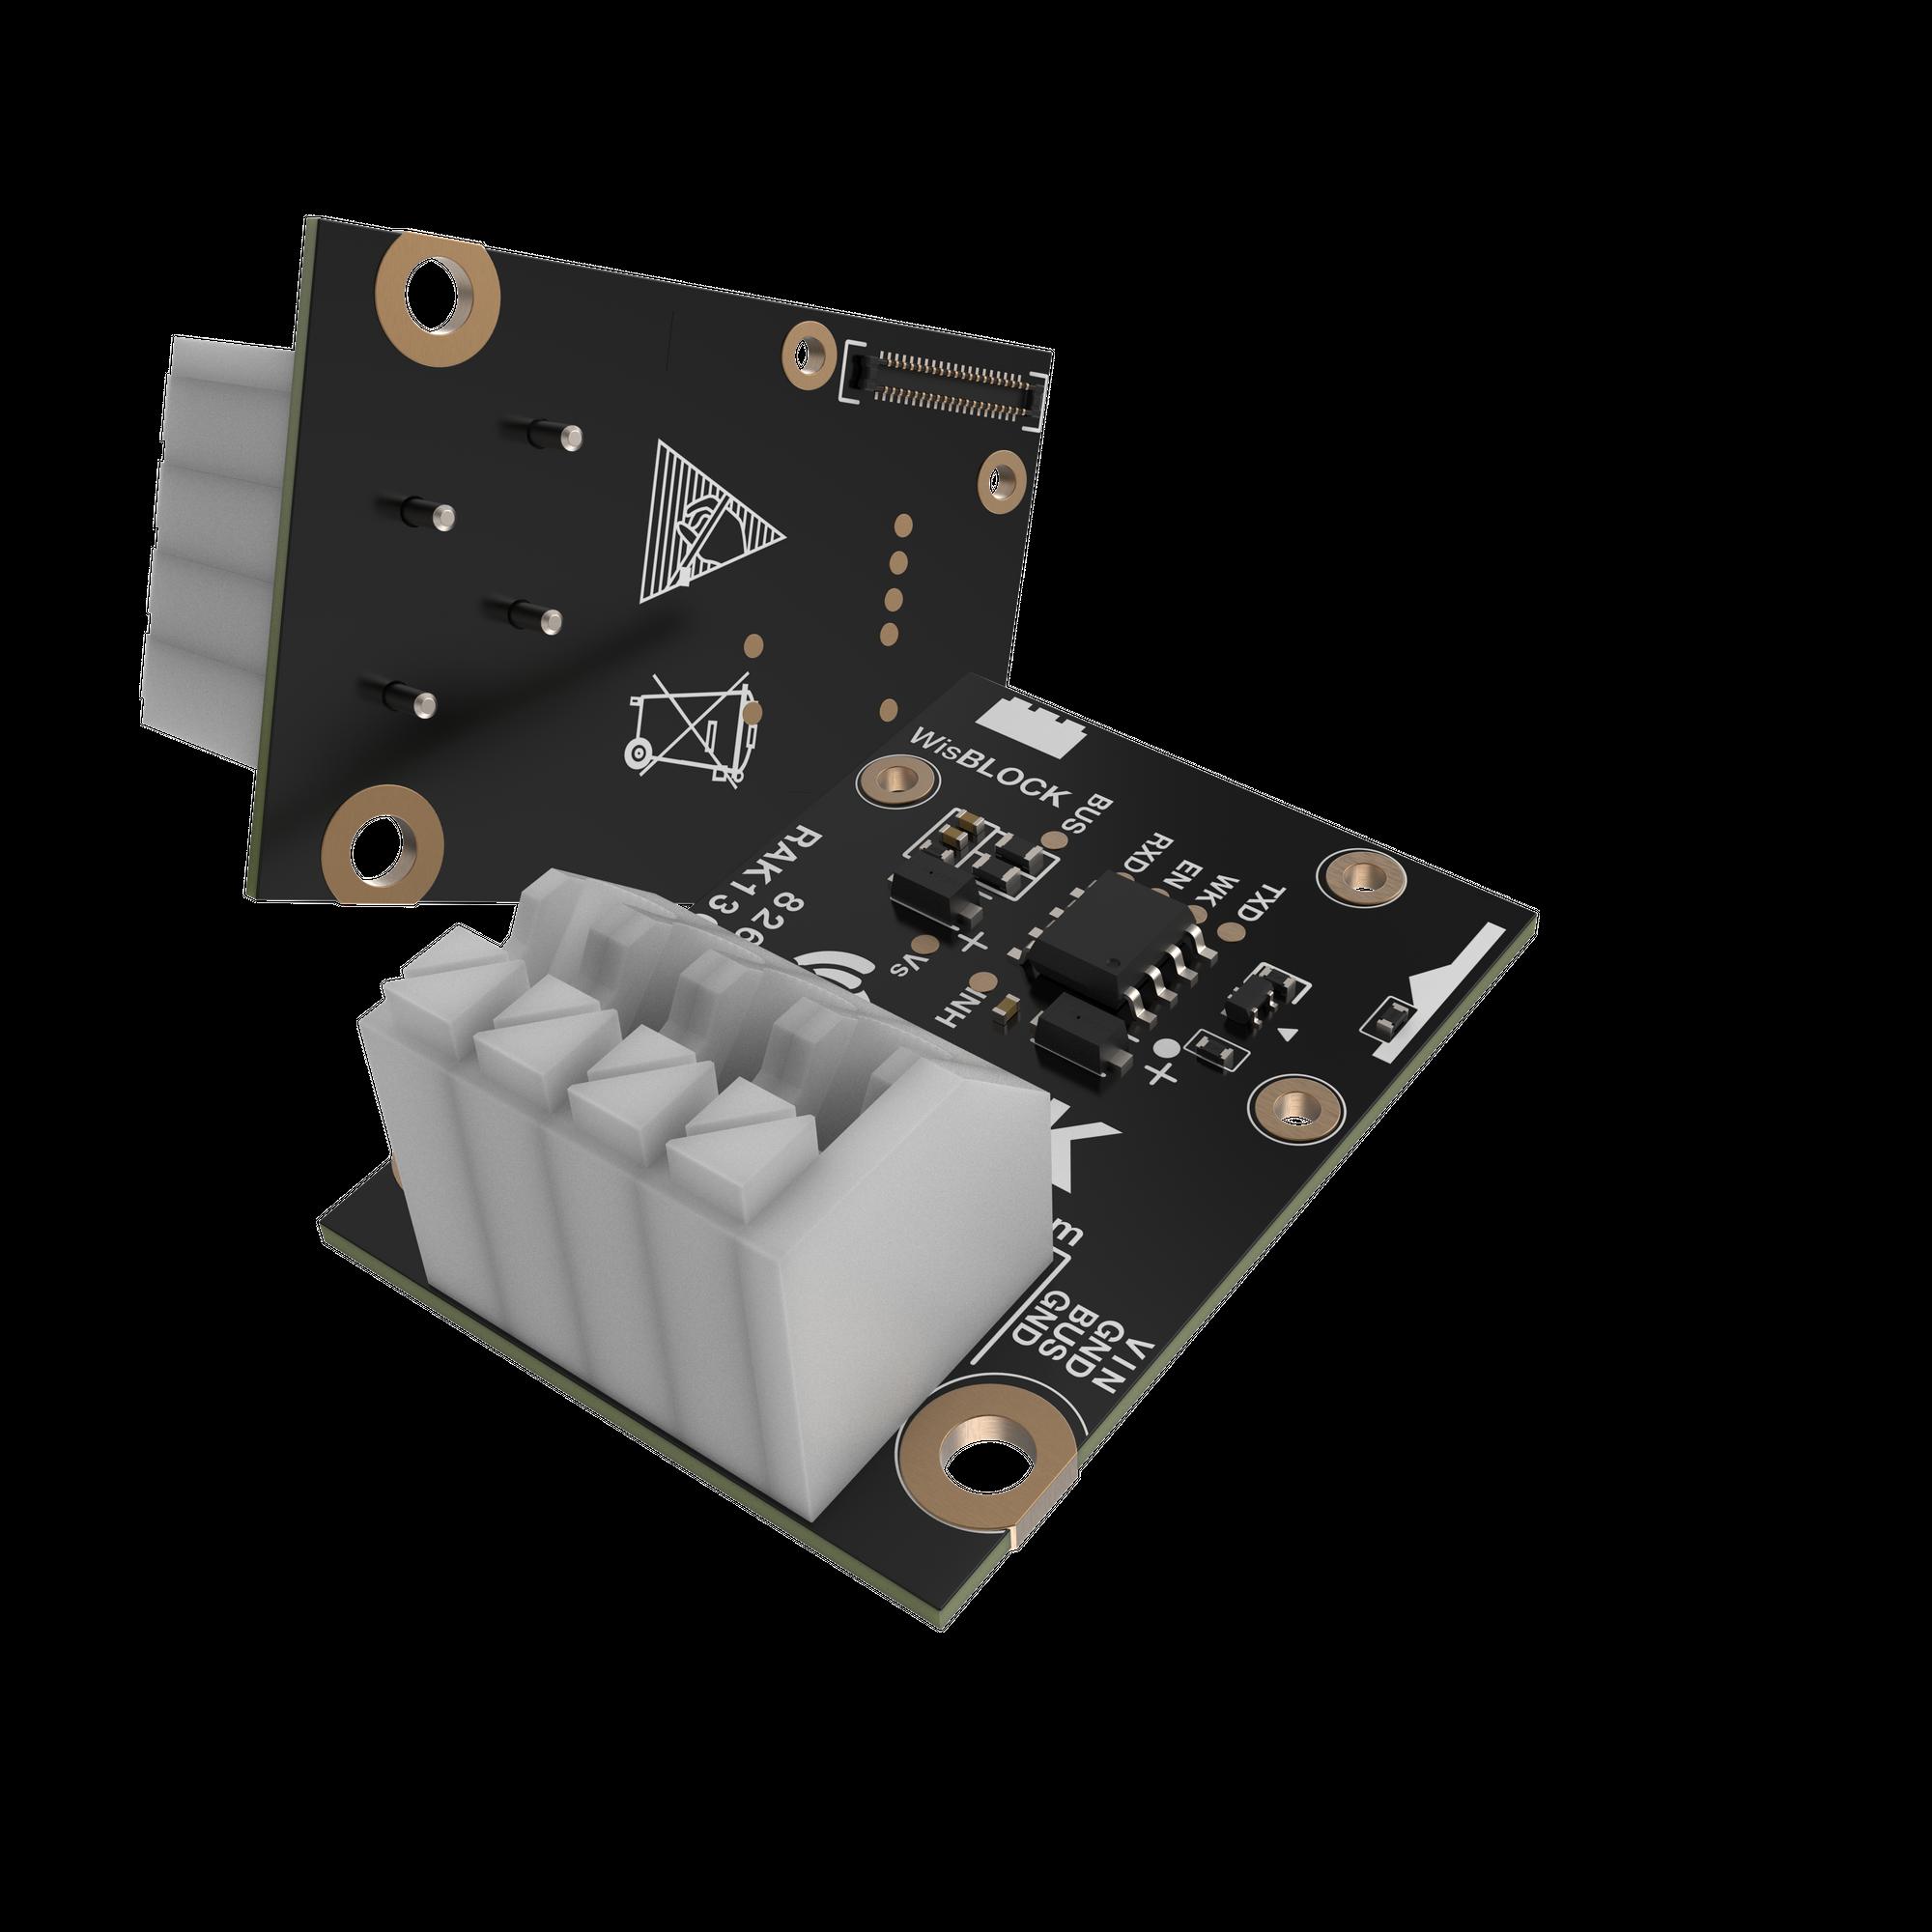 RAK13005 LIN module